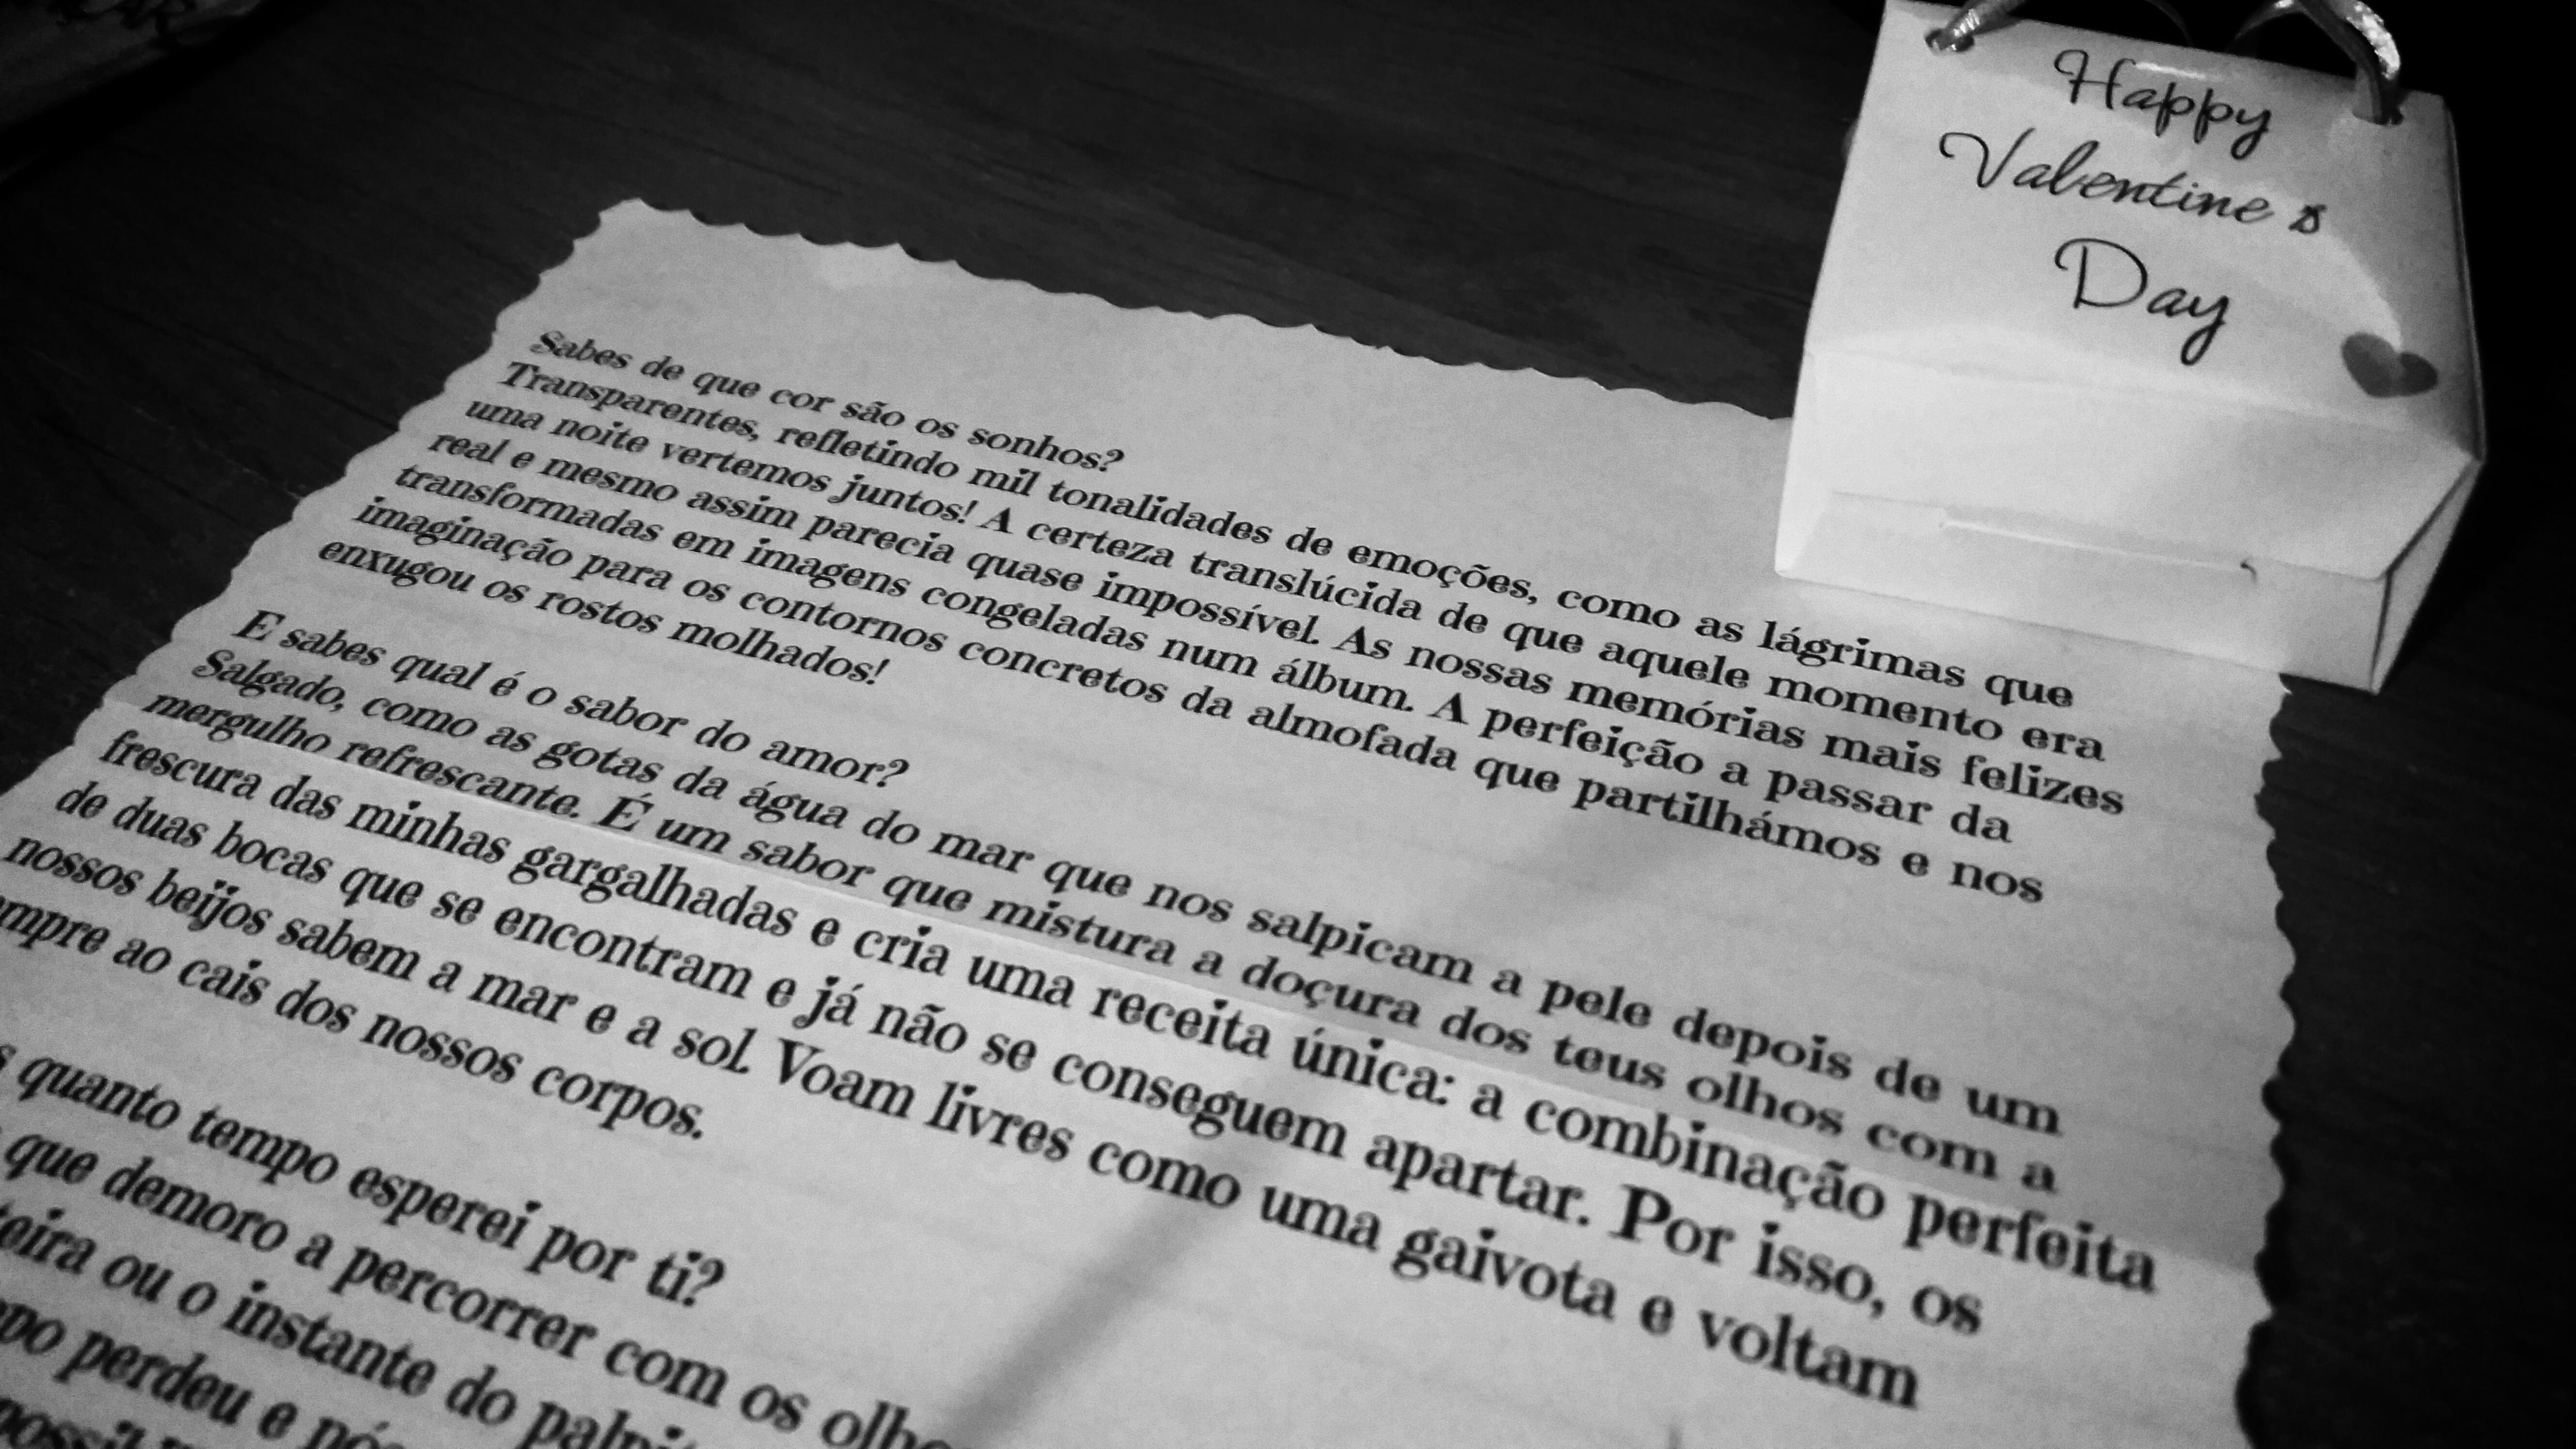 Carta Vencedor Passatempo - Cartas de Amor